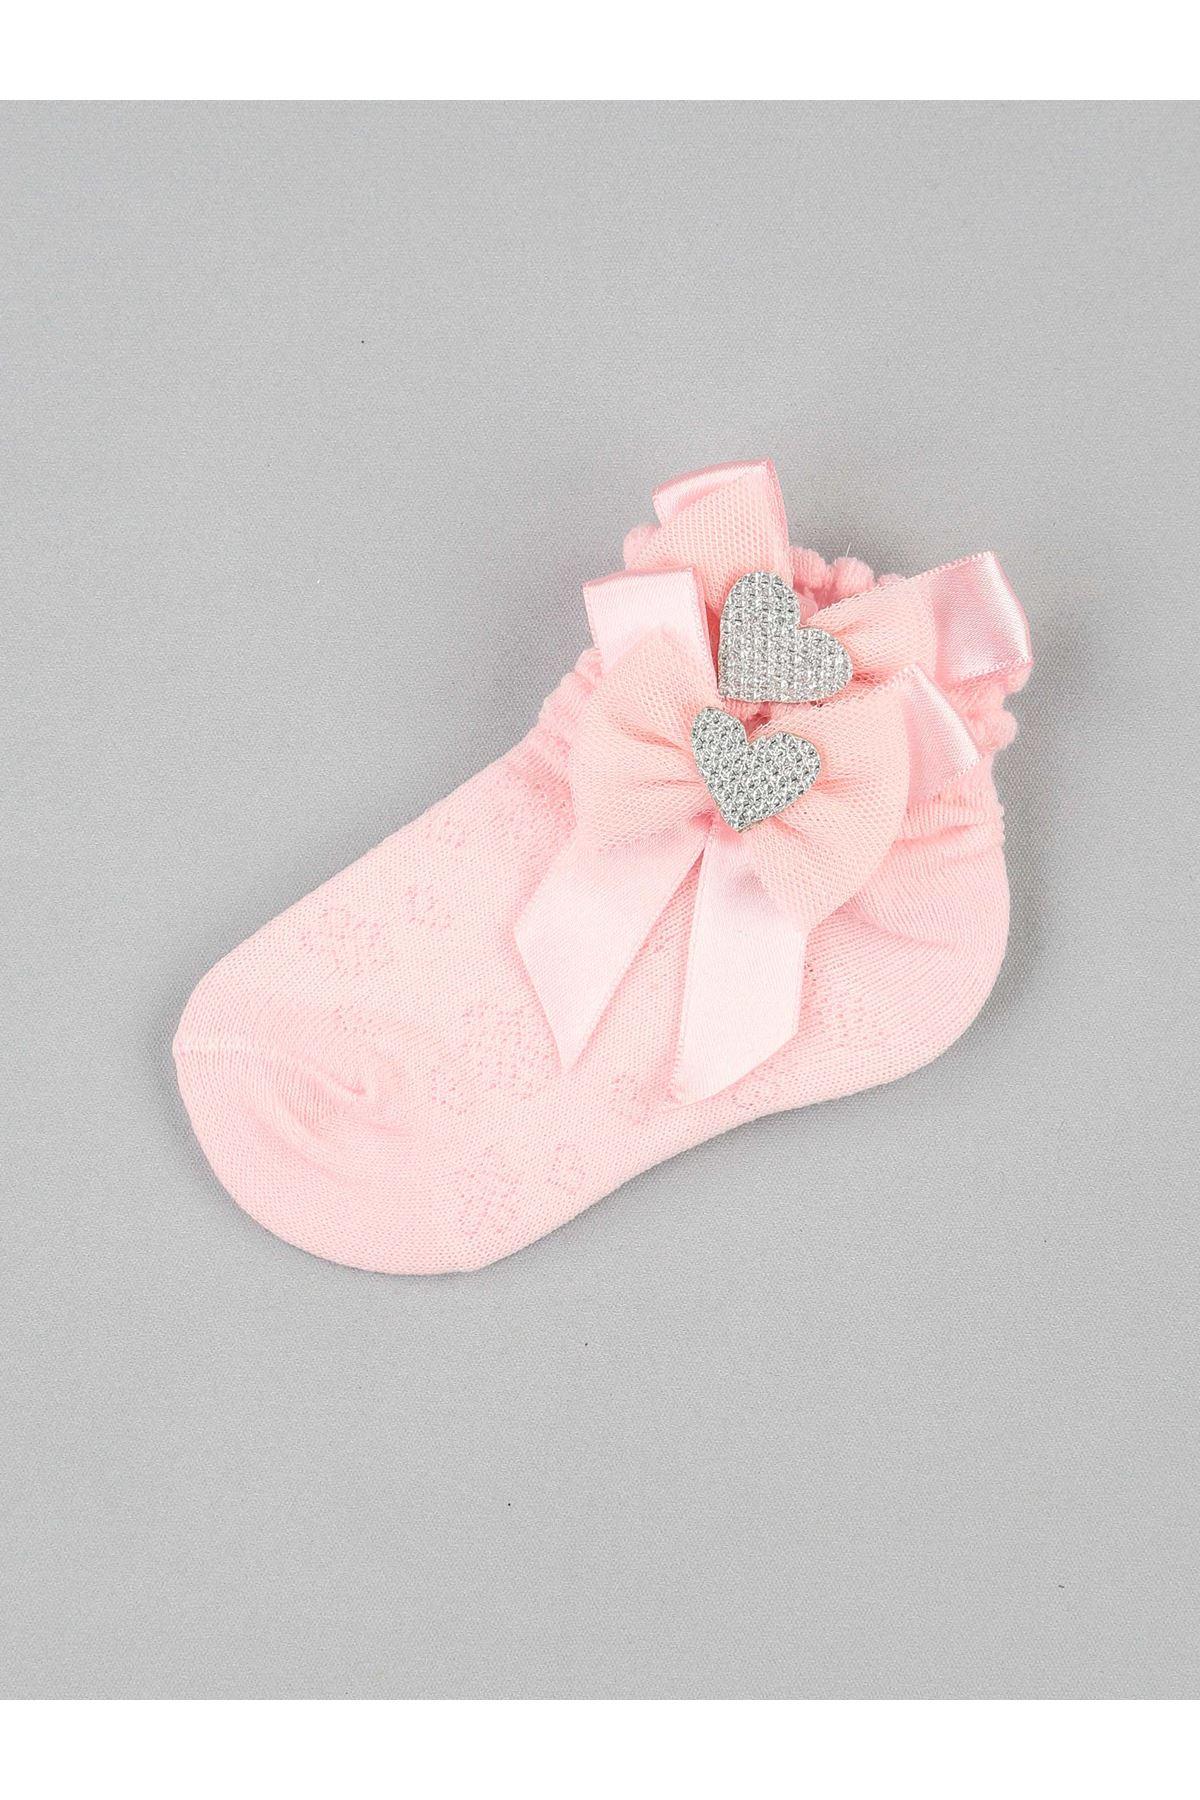 Pink Bow Heart Girl Socks